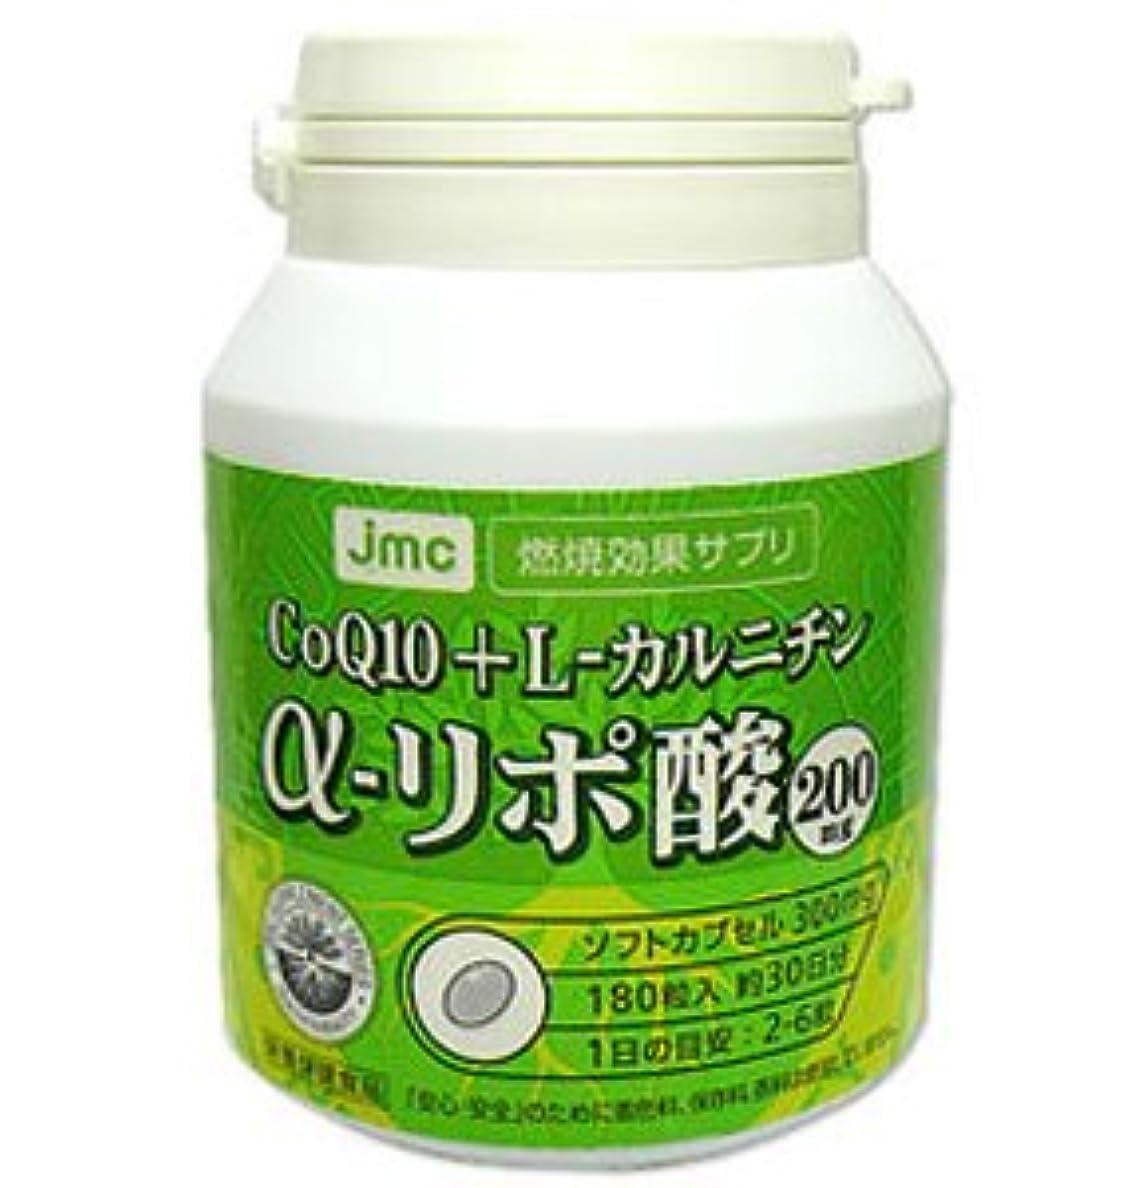 接辞採用する増強するα-リポ酸200mg(αリポ酸、COQ10、L-カルニチン、共役リノール酸配合ダイエットサプリ)